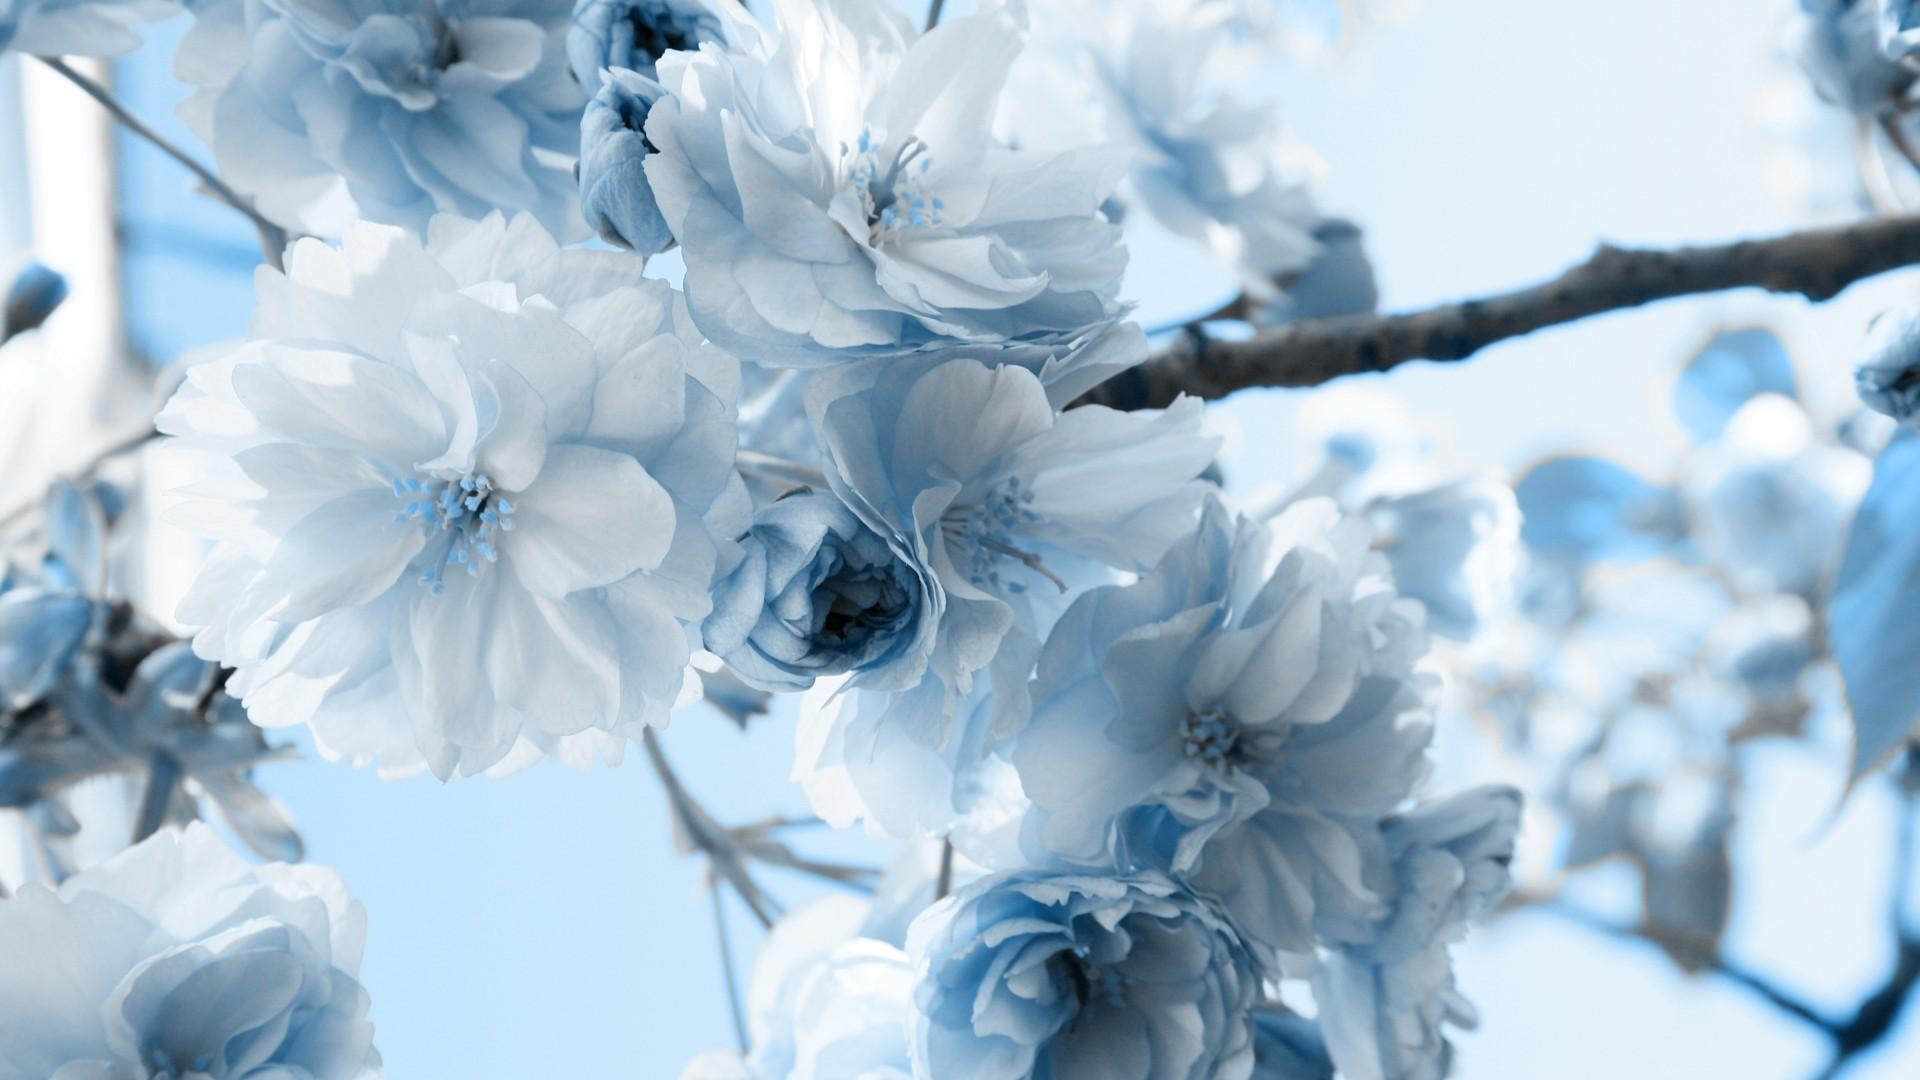 Winter Flowers Wallpaper Hdwidescreenscom